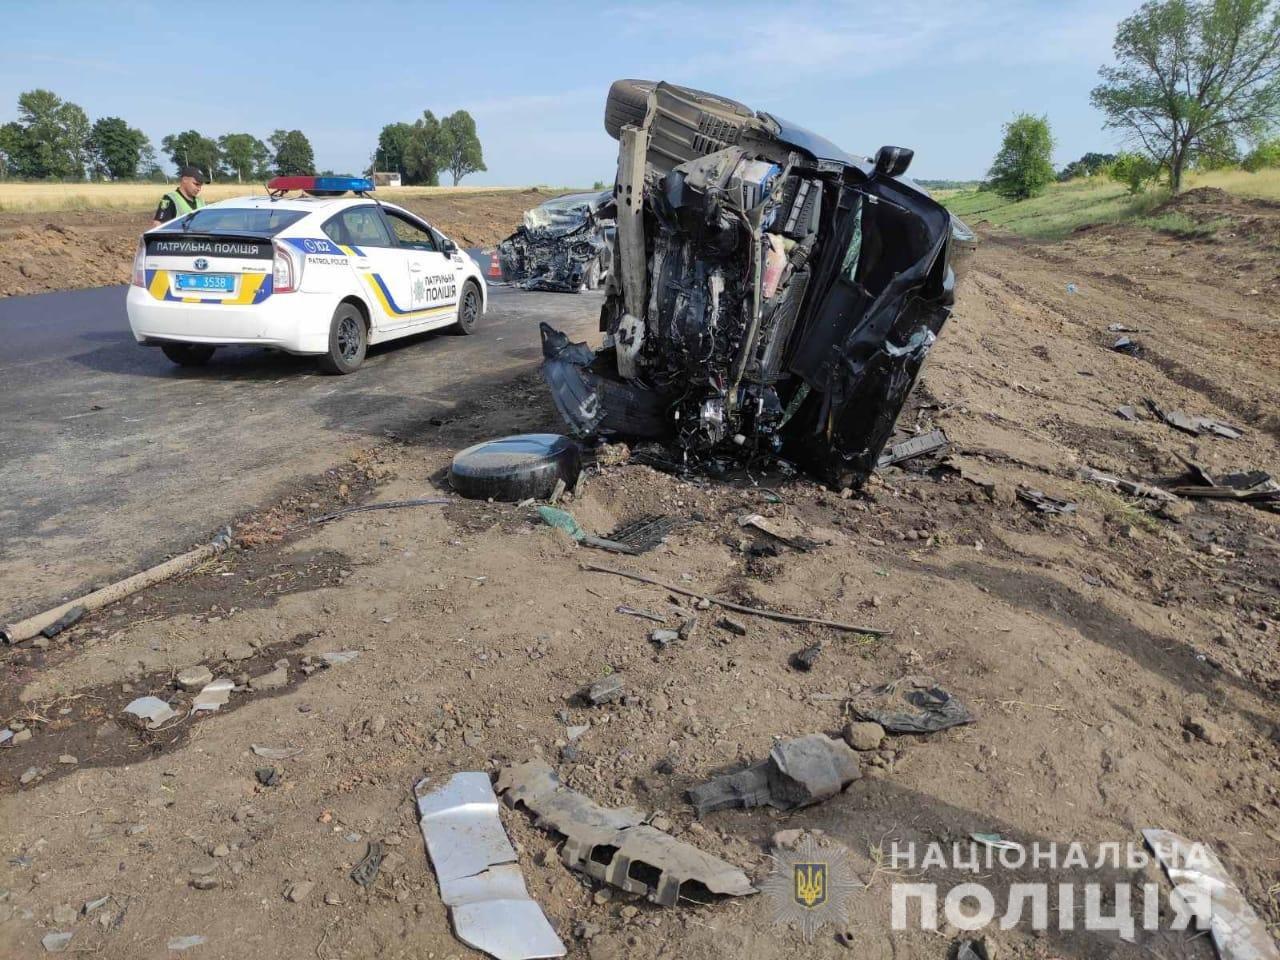 ДТП с переворотом на Окружной: пострадавший в аварии водитель умер в больнице, - ФОТО, фото-3